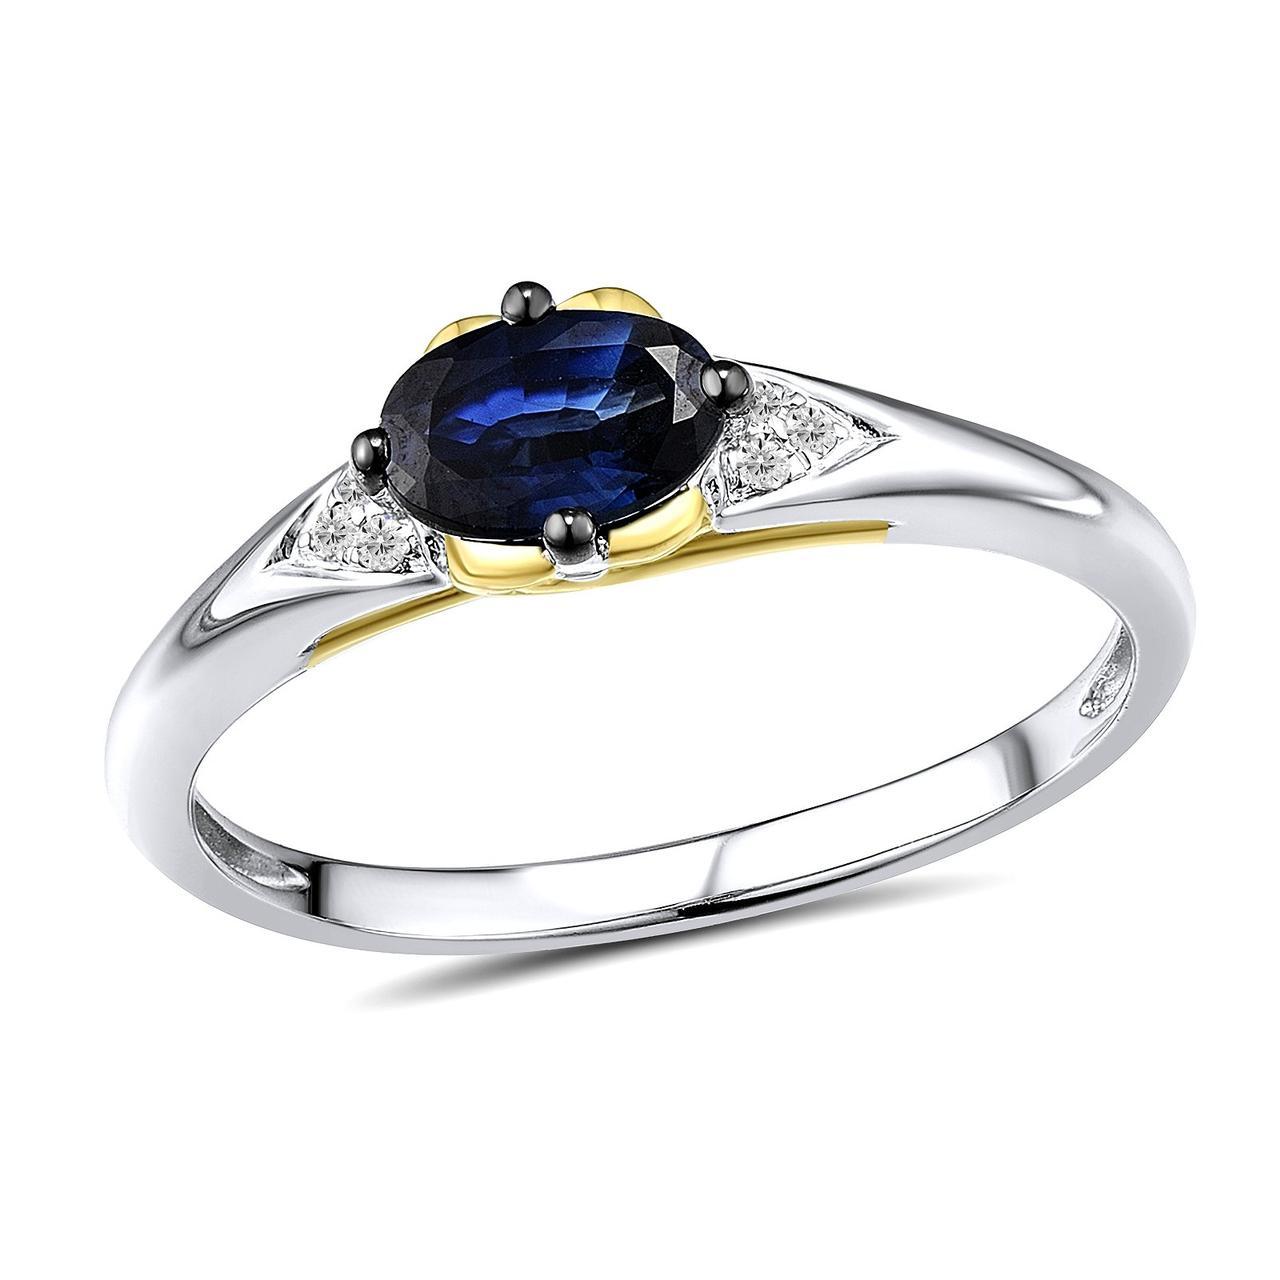 Золотое кольцо с бриллиантами и сапфиром, размер 17 (1645320)